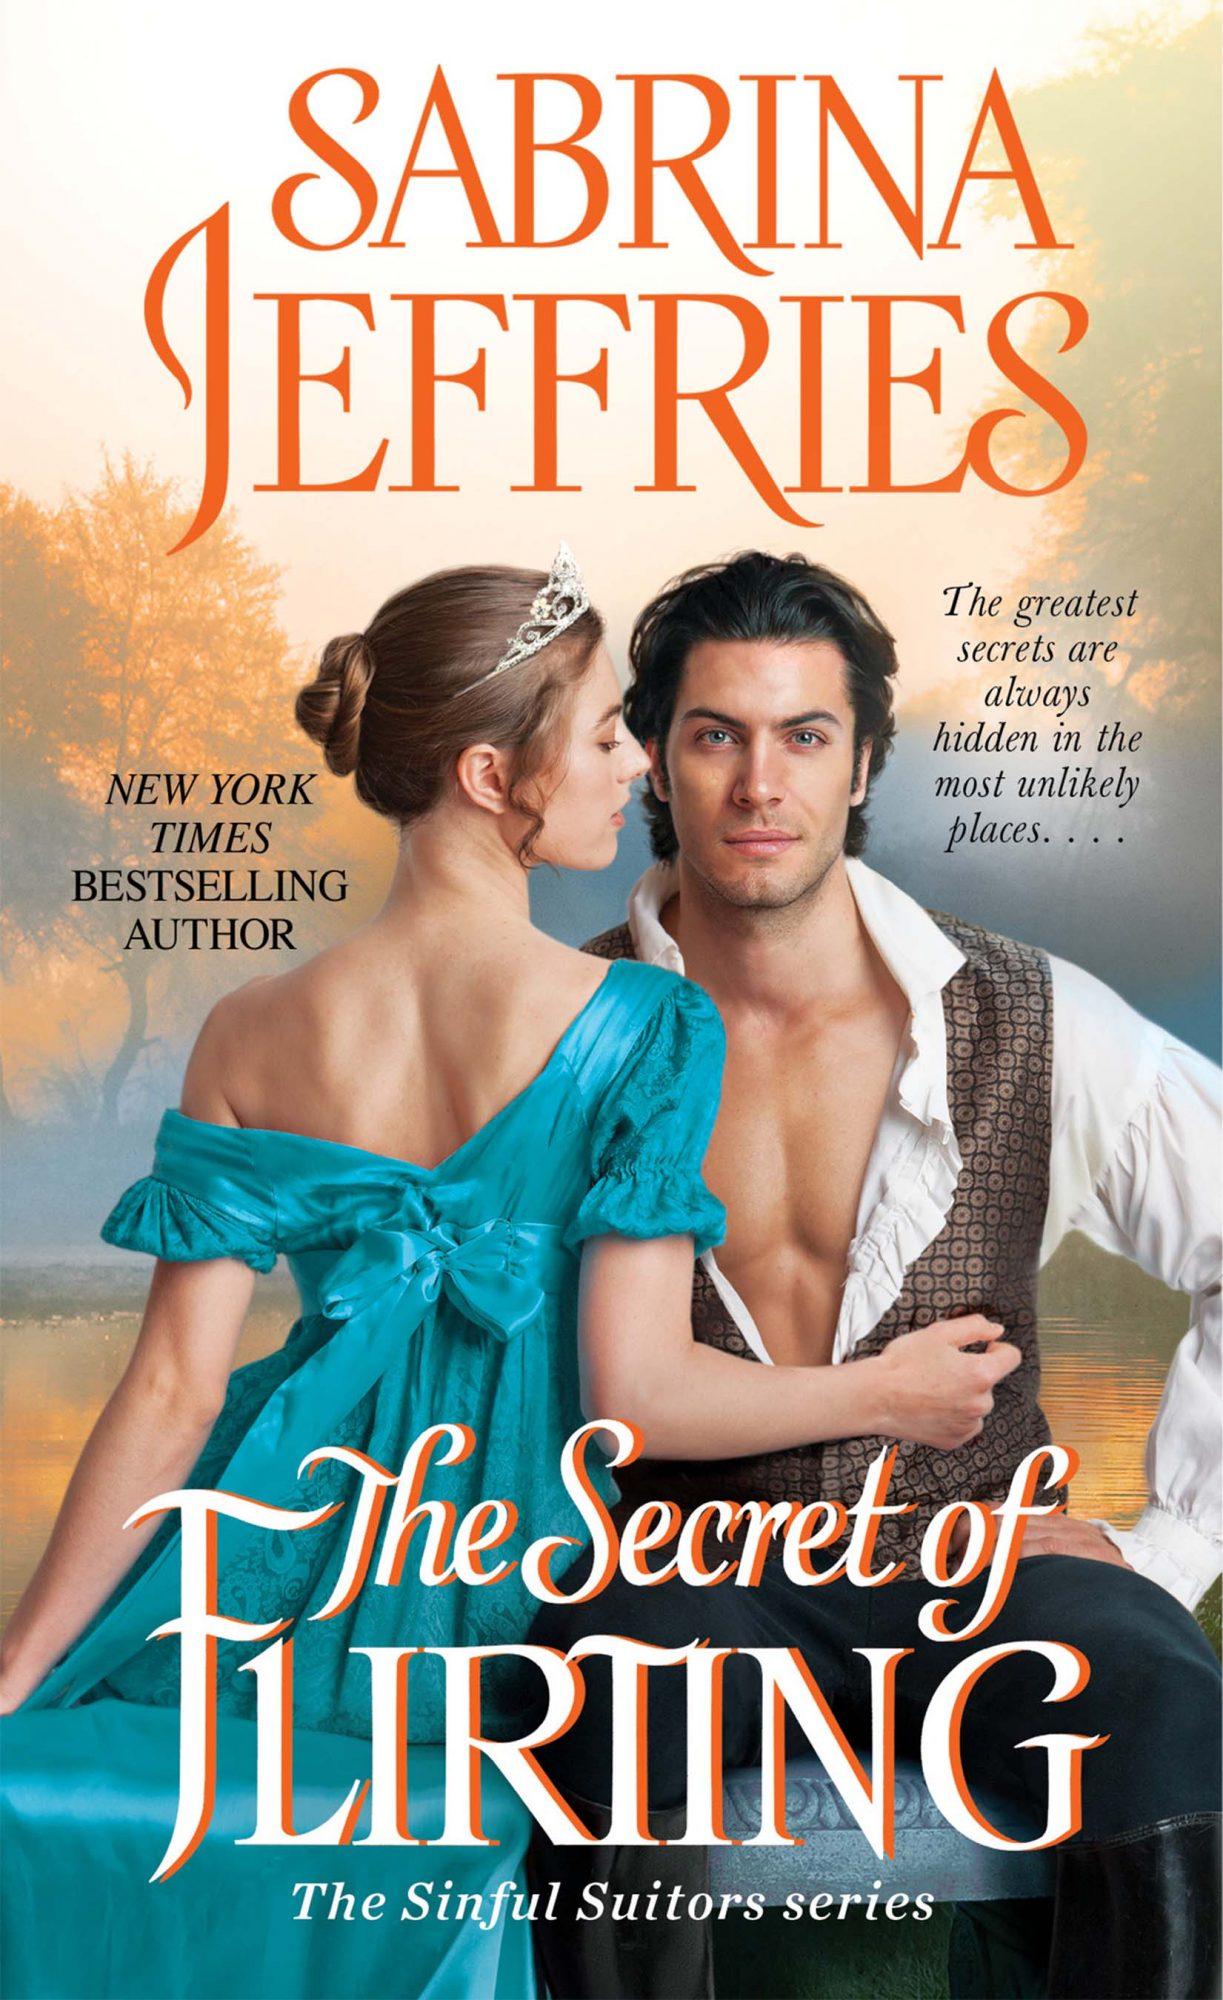 The Secret of Flirting, book cover